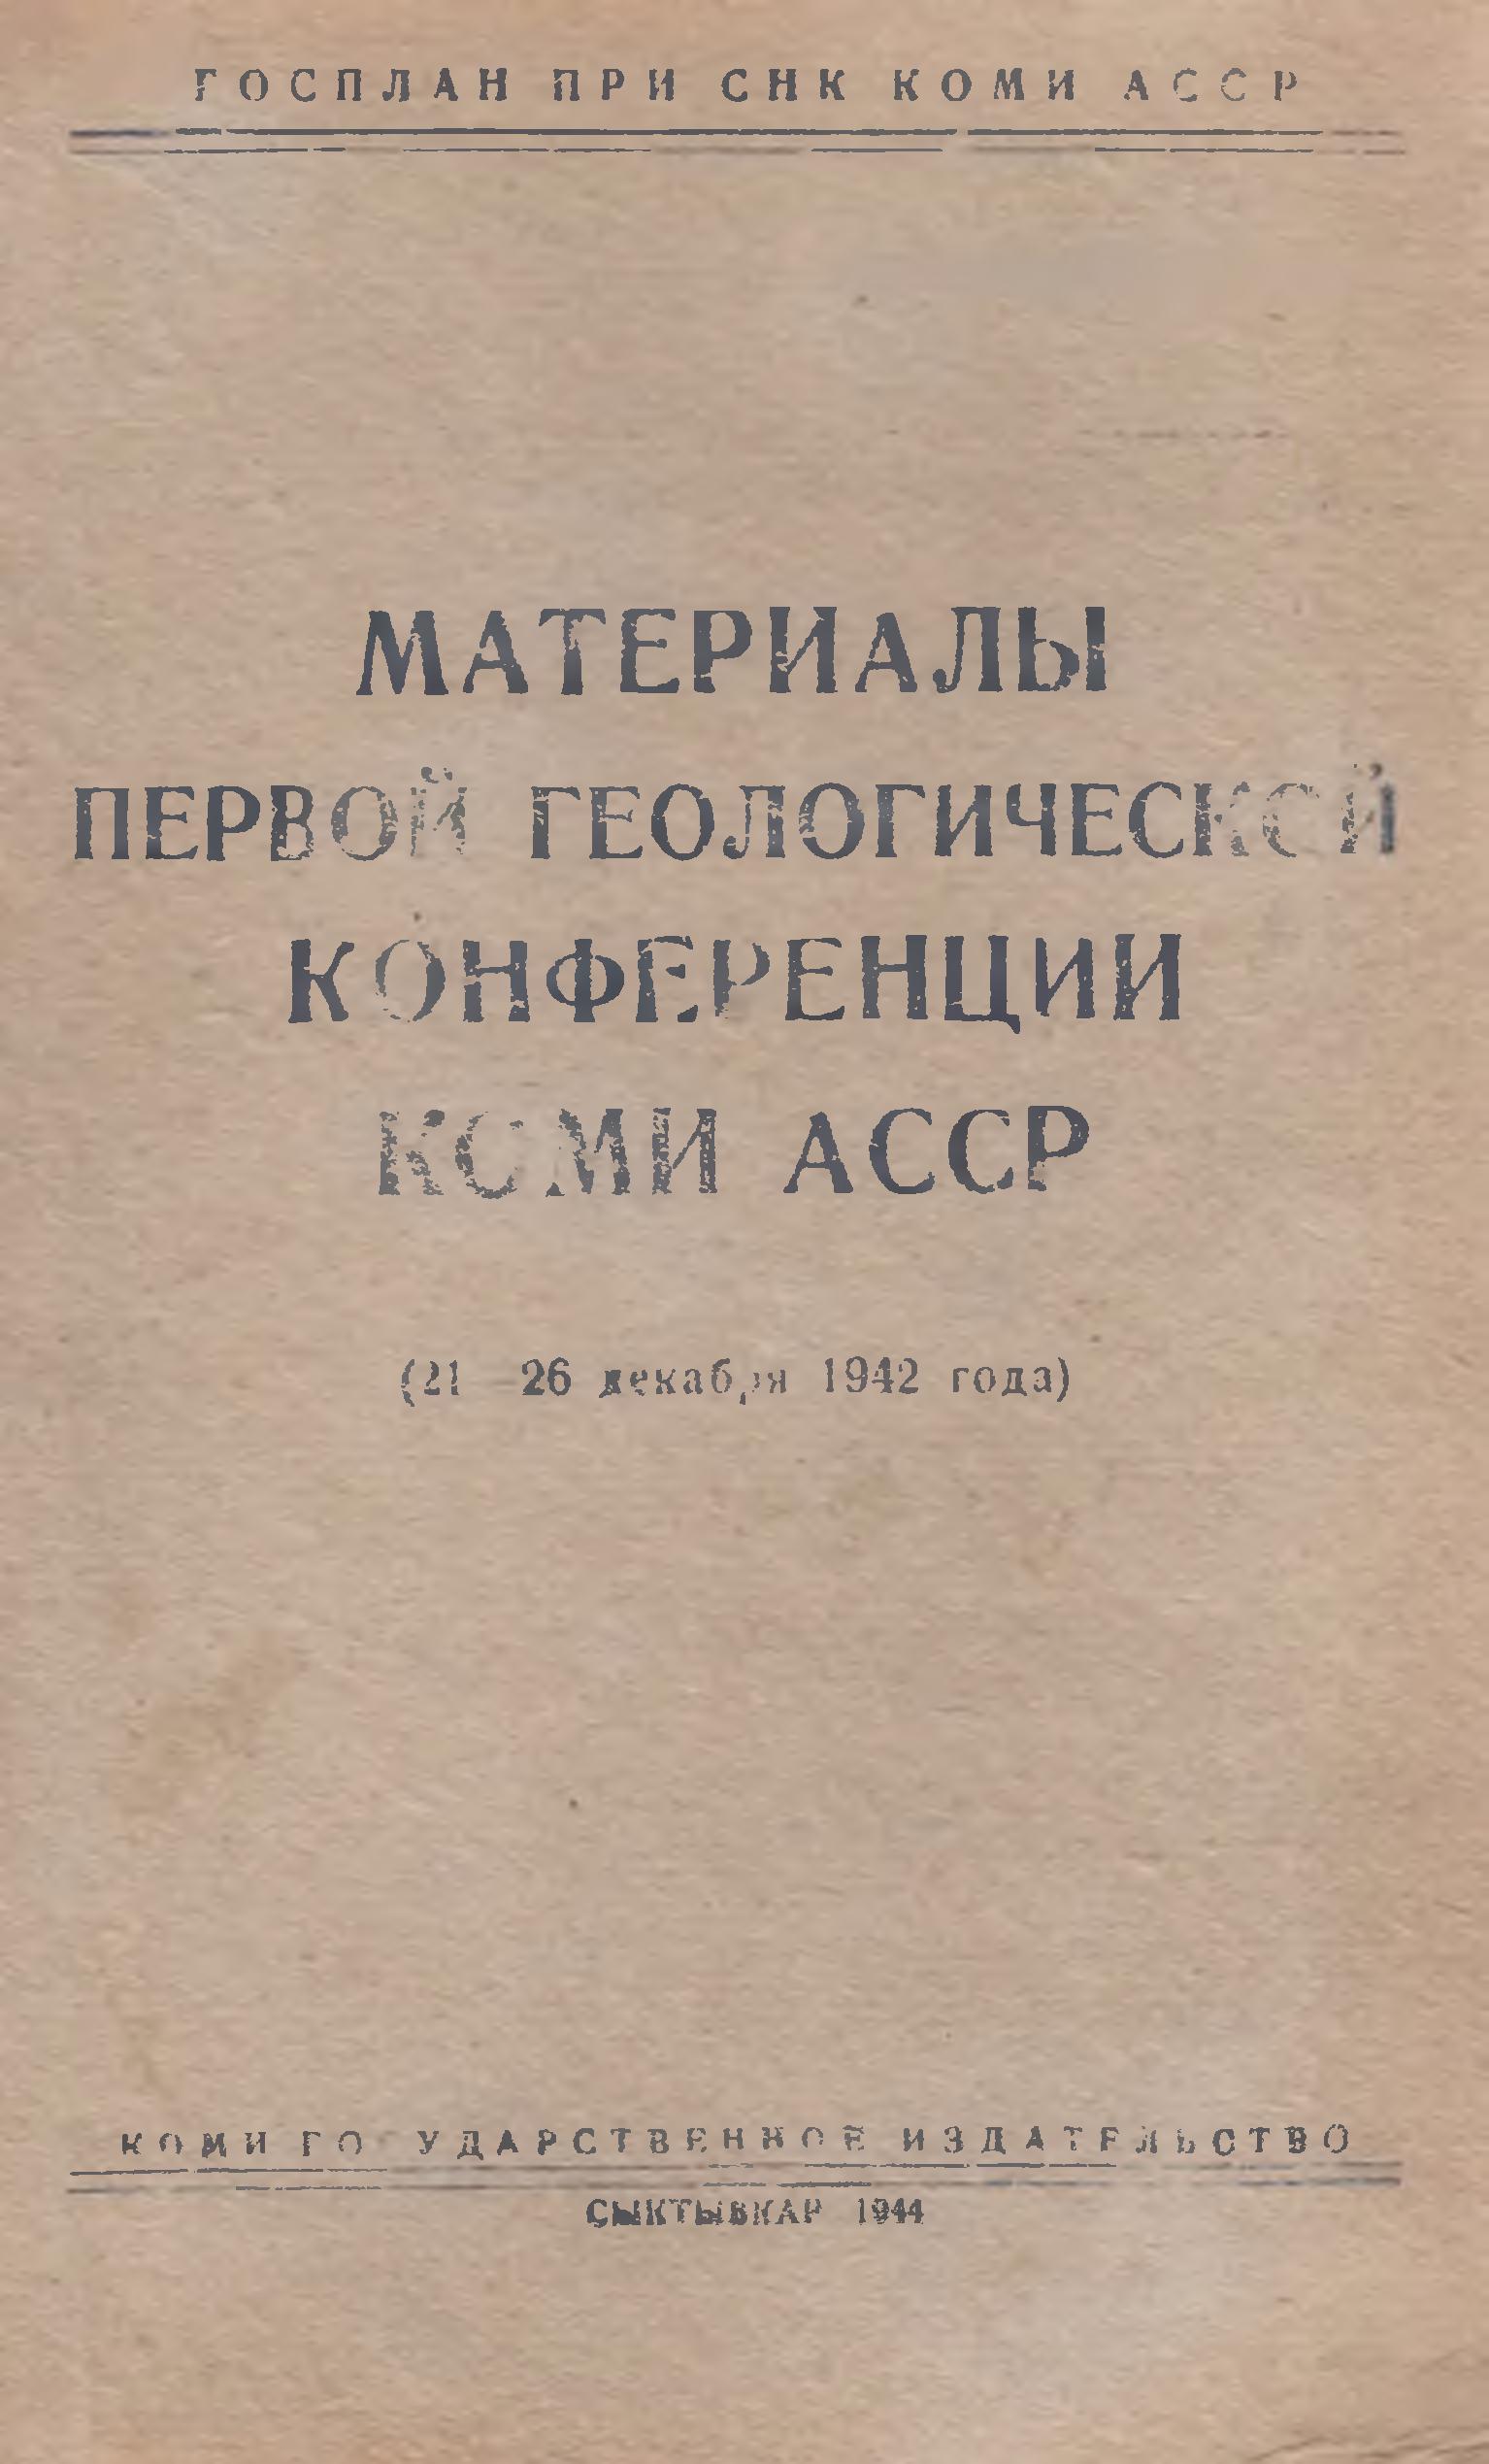 Материалы первой геологической конференции Коми АССР